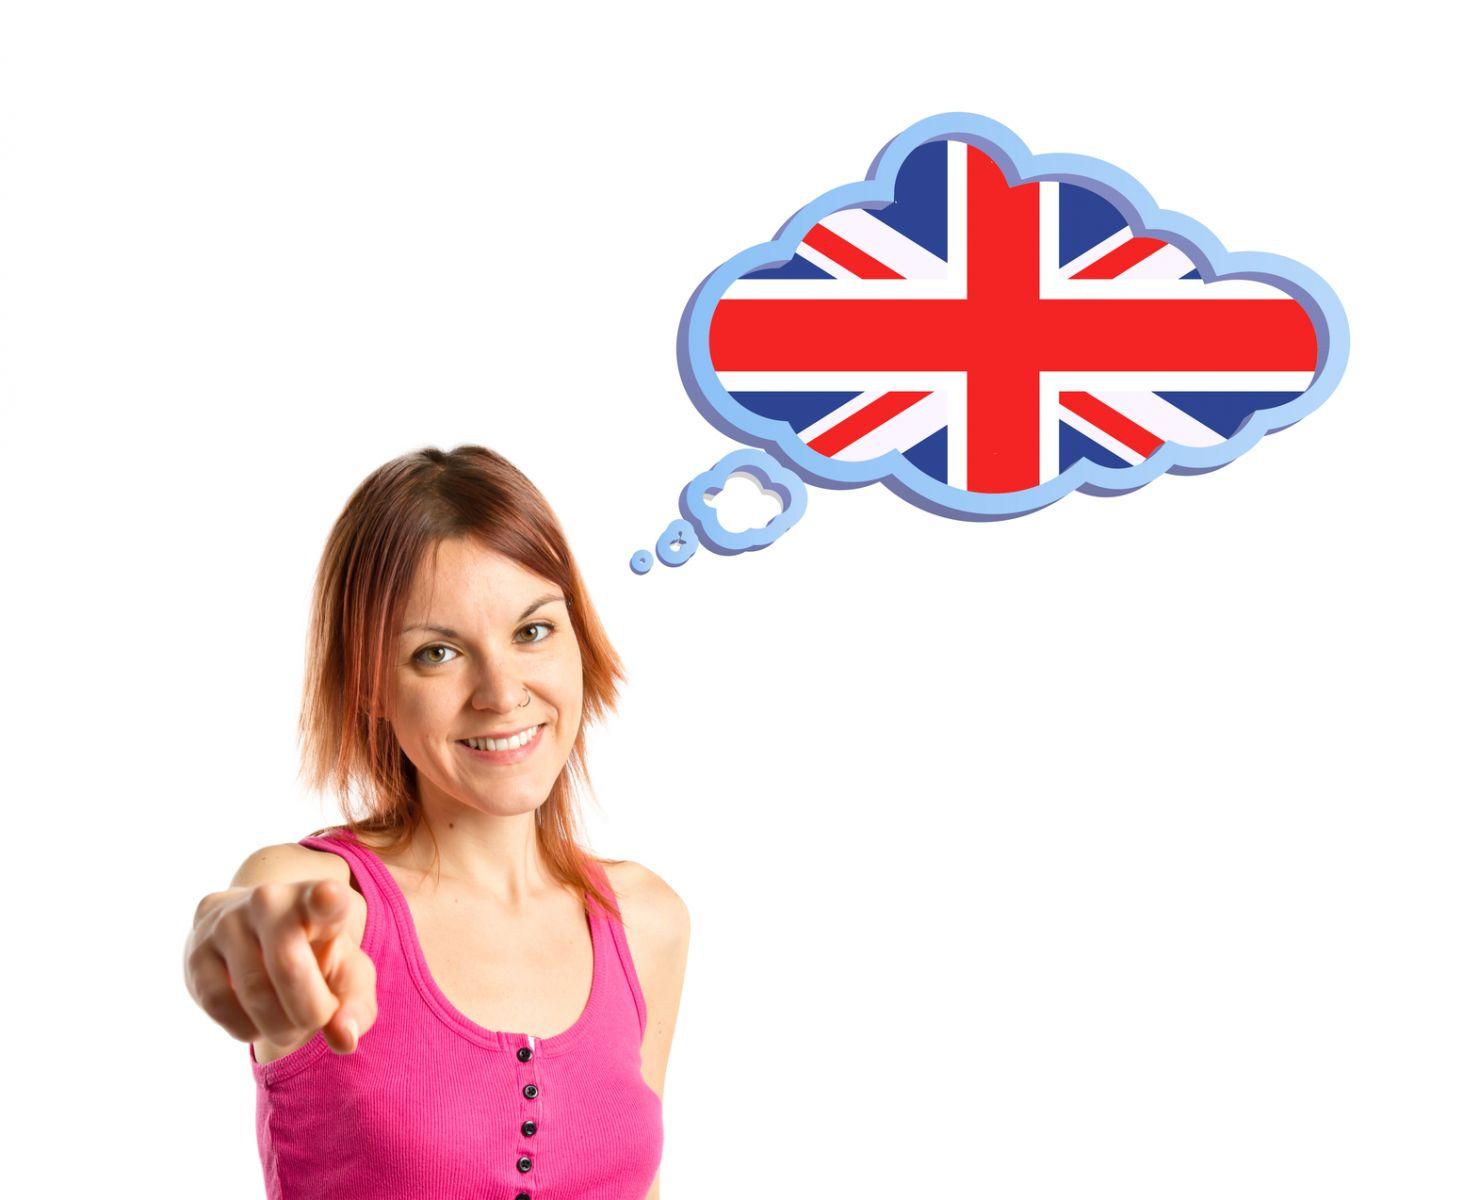 Как изучение иностранного языка влияет на наши мысли - фото №1